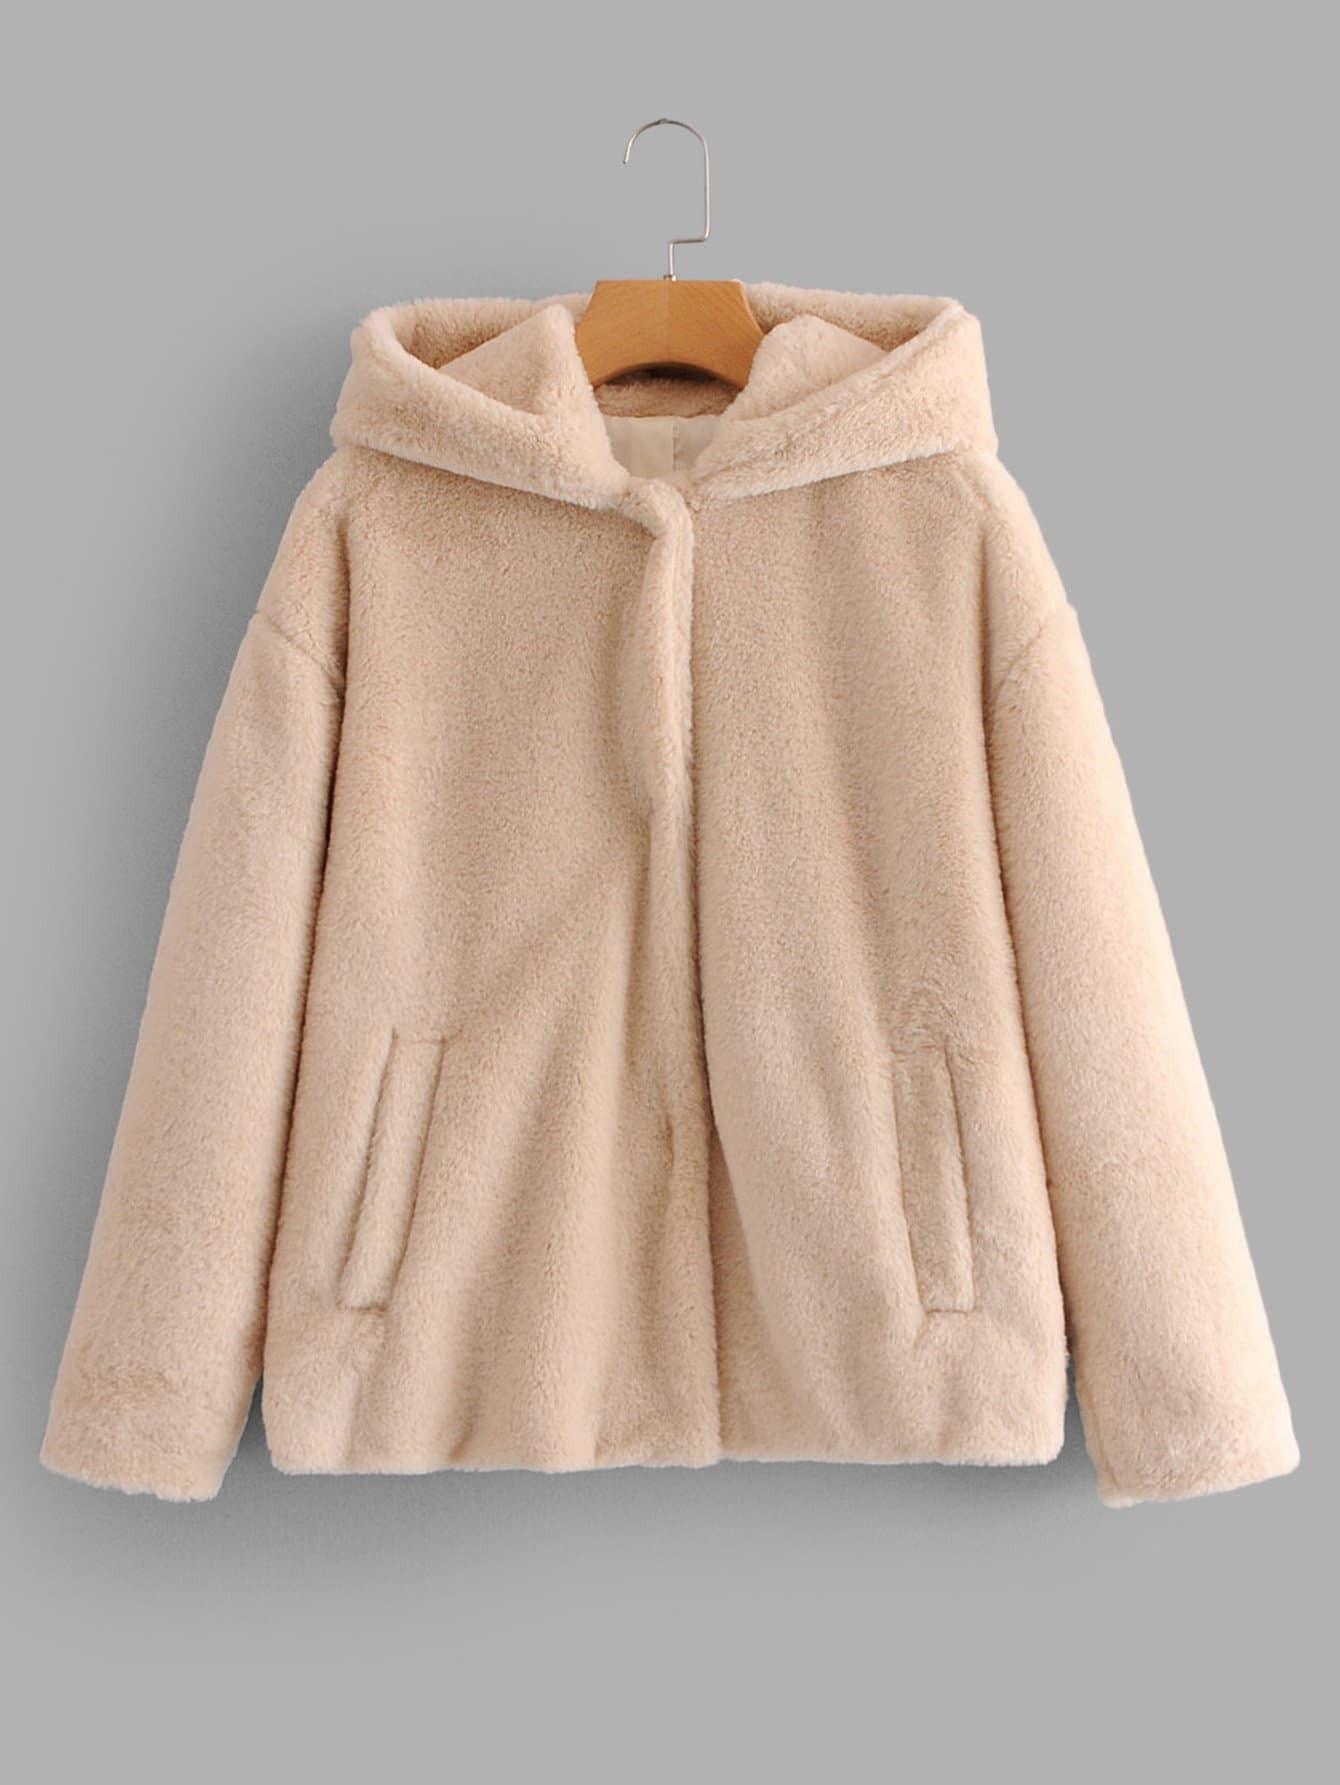 Купить Пушистое тедди пальто с капюшоном с карманом, null, SheIn